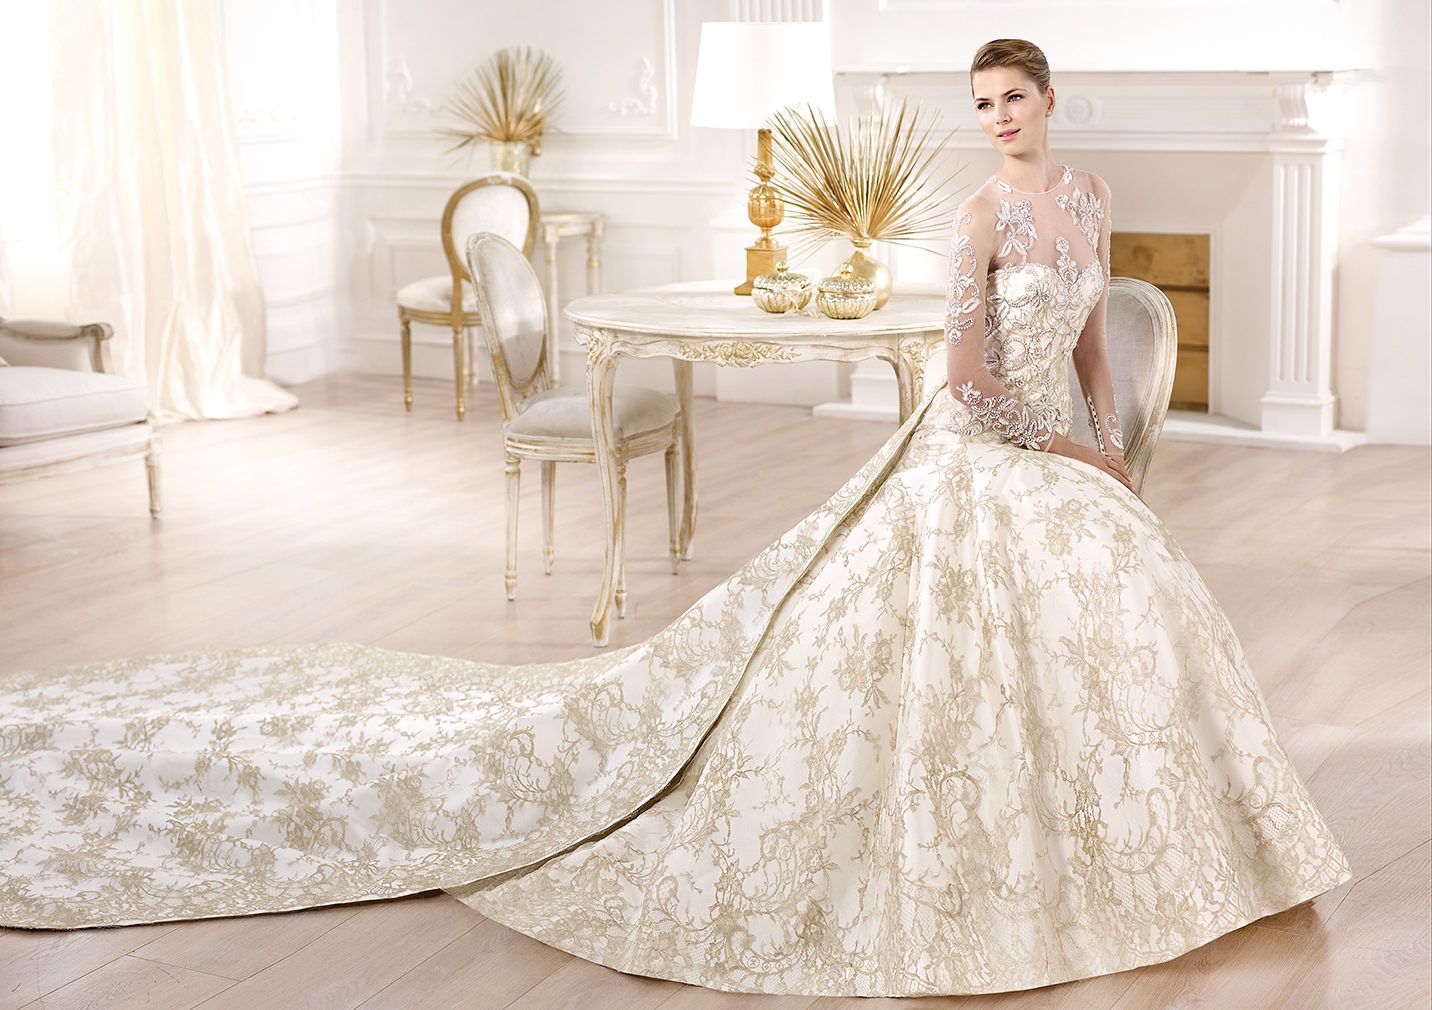 Tendance : quelques touches dorées sur ma robe de mariée   Mariage